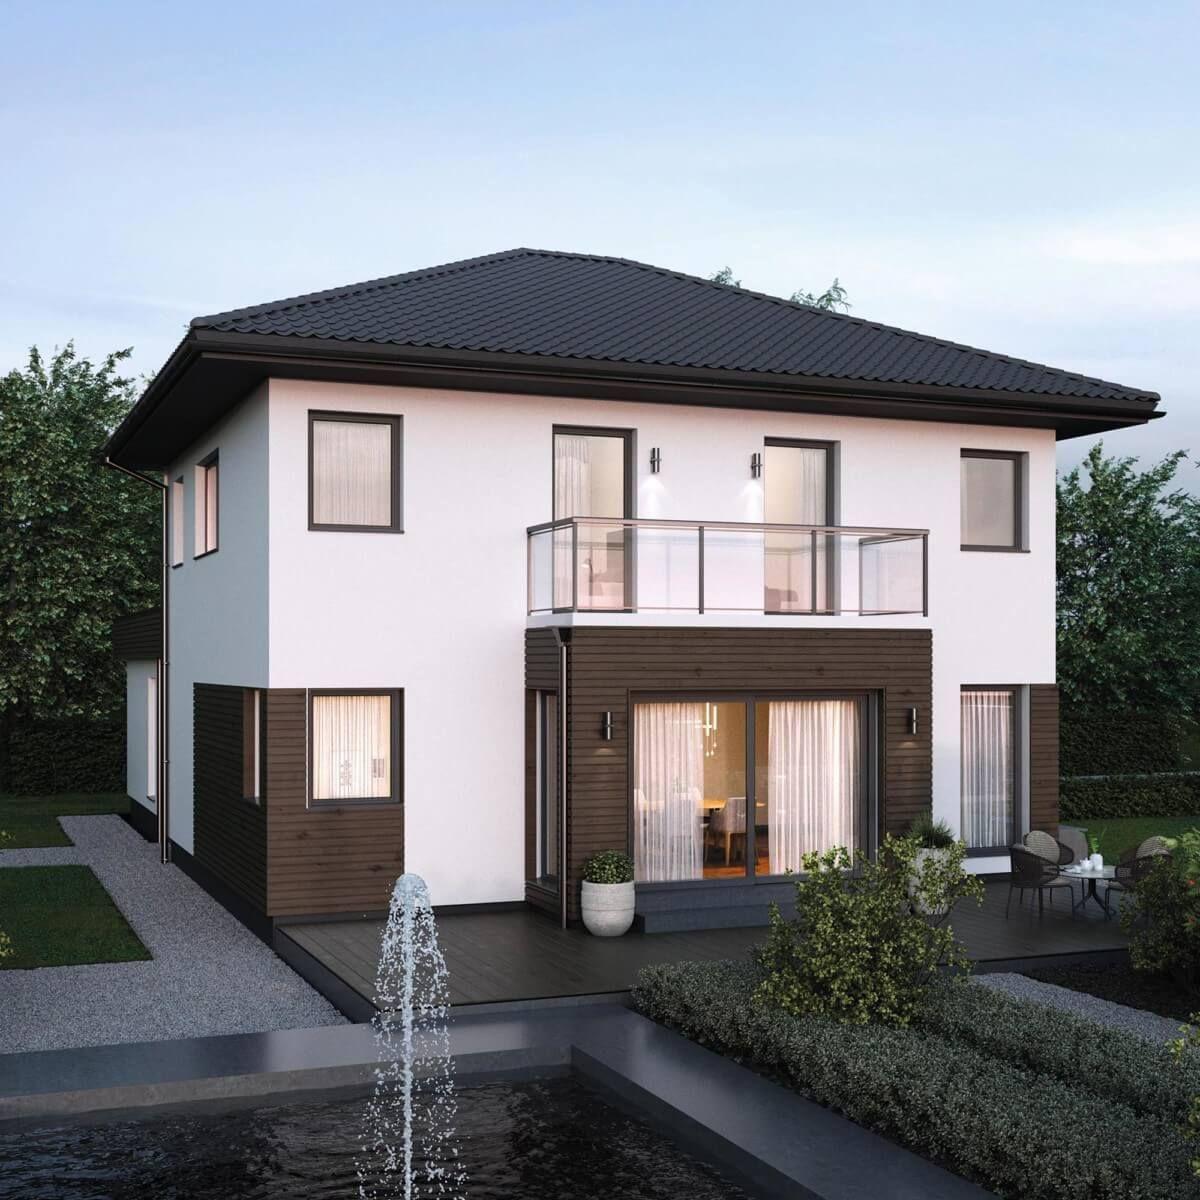 Moderne stadtvilla klassisch mit walmdach architektur for Architektur klassisch